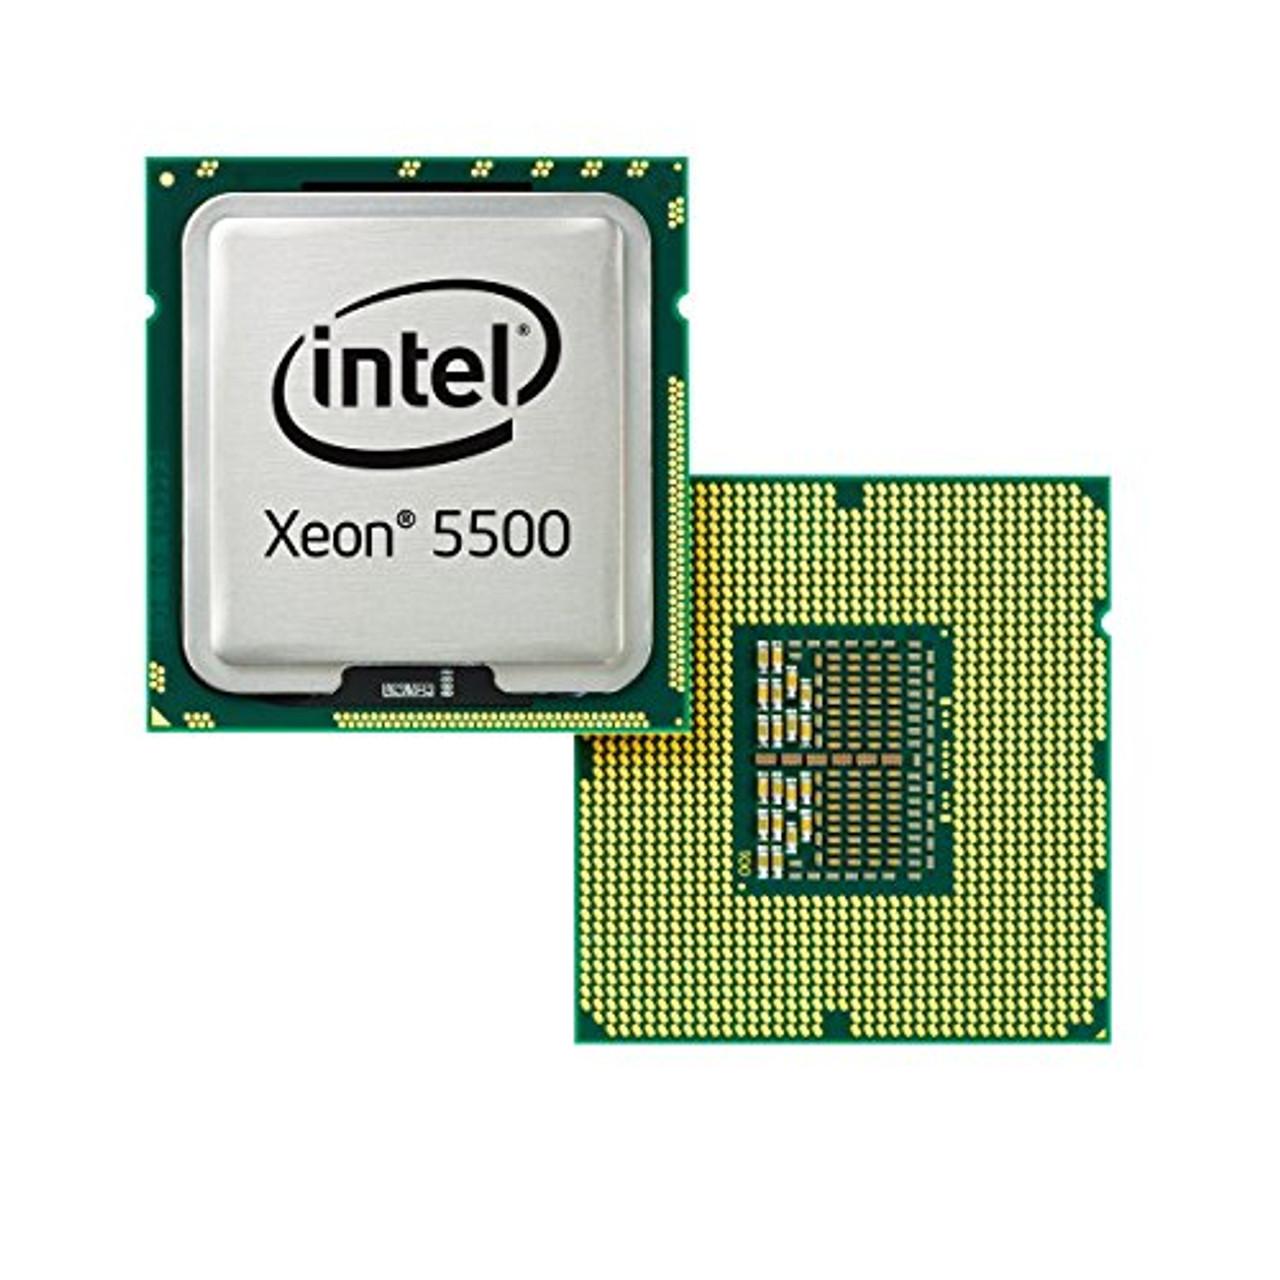 HP 507794-B21 - Intel Xeon E5540 2.53GHz 8MB Cache 4-Core Processor